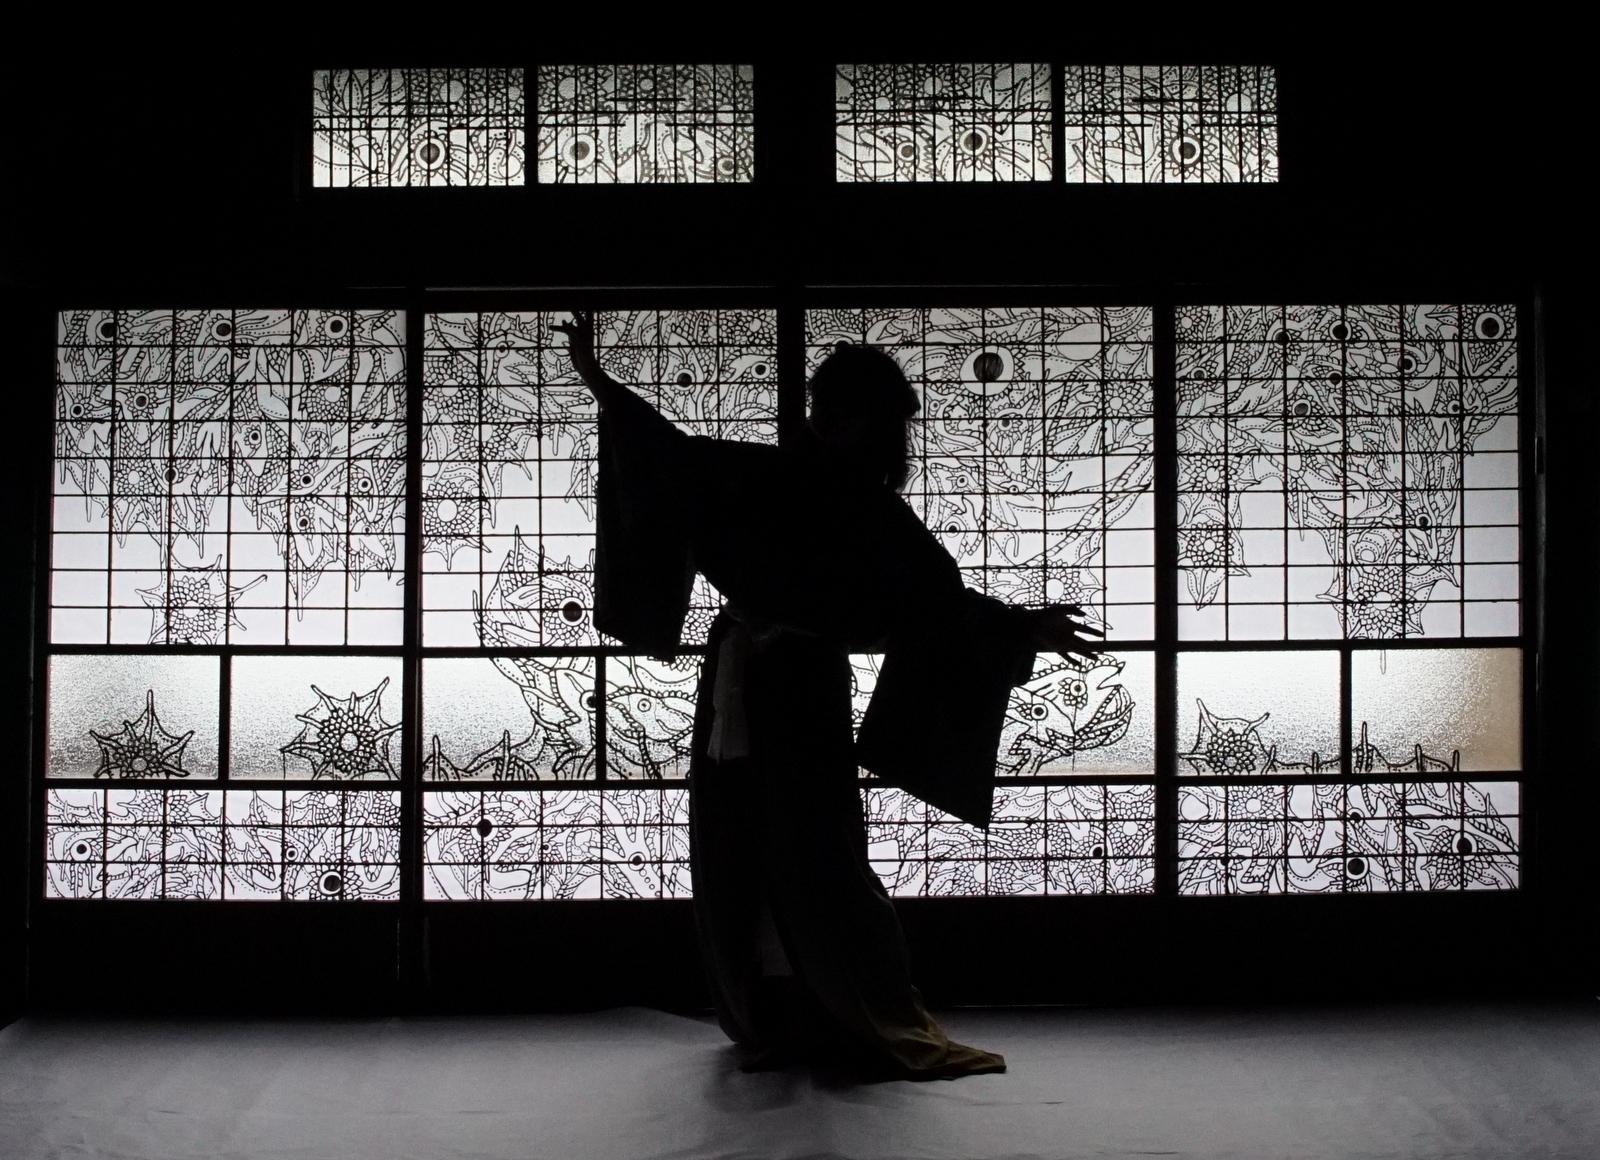 Window Through Time (2016), Photo Credit: Yukiko Sugiyama  Private Residence, Fukushima, Japan